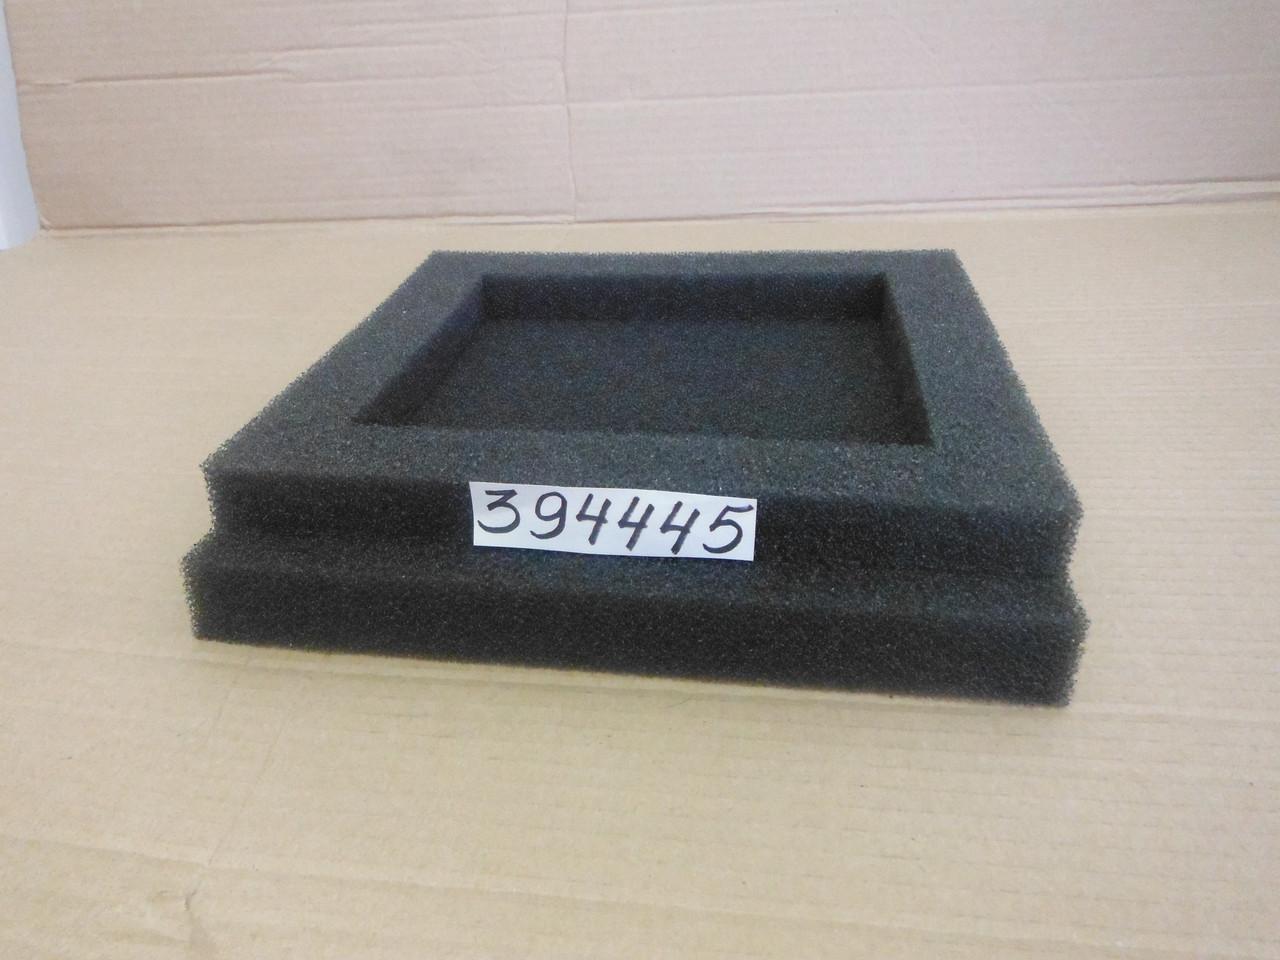 STILL 0394445 фільтр повітряний / фільтр повітряний